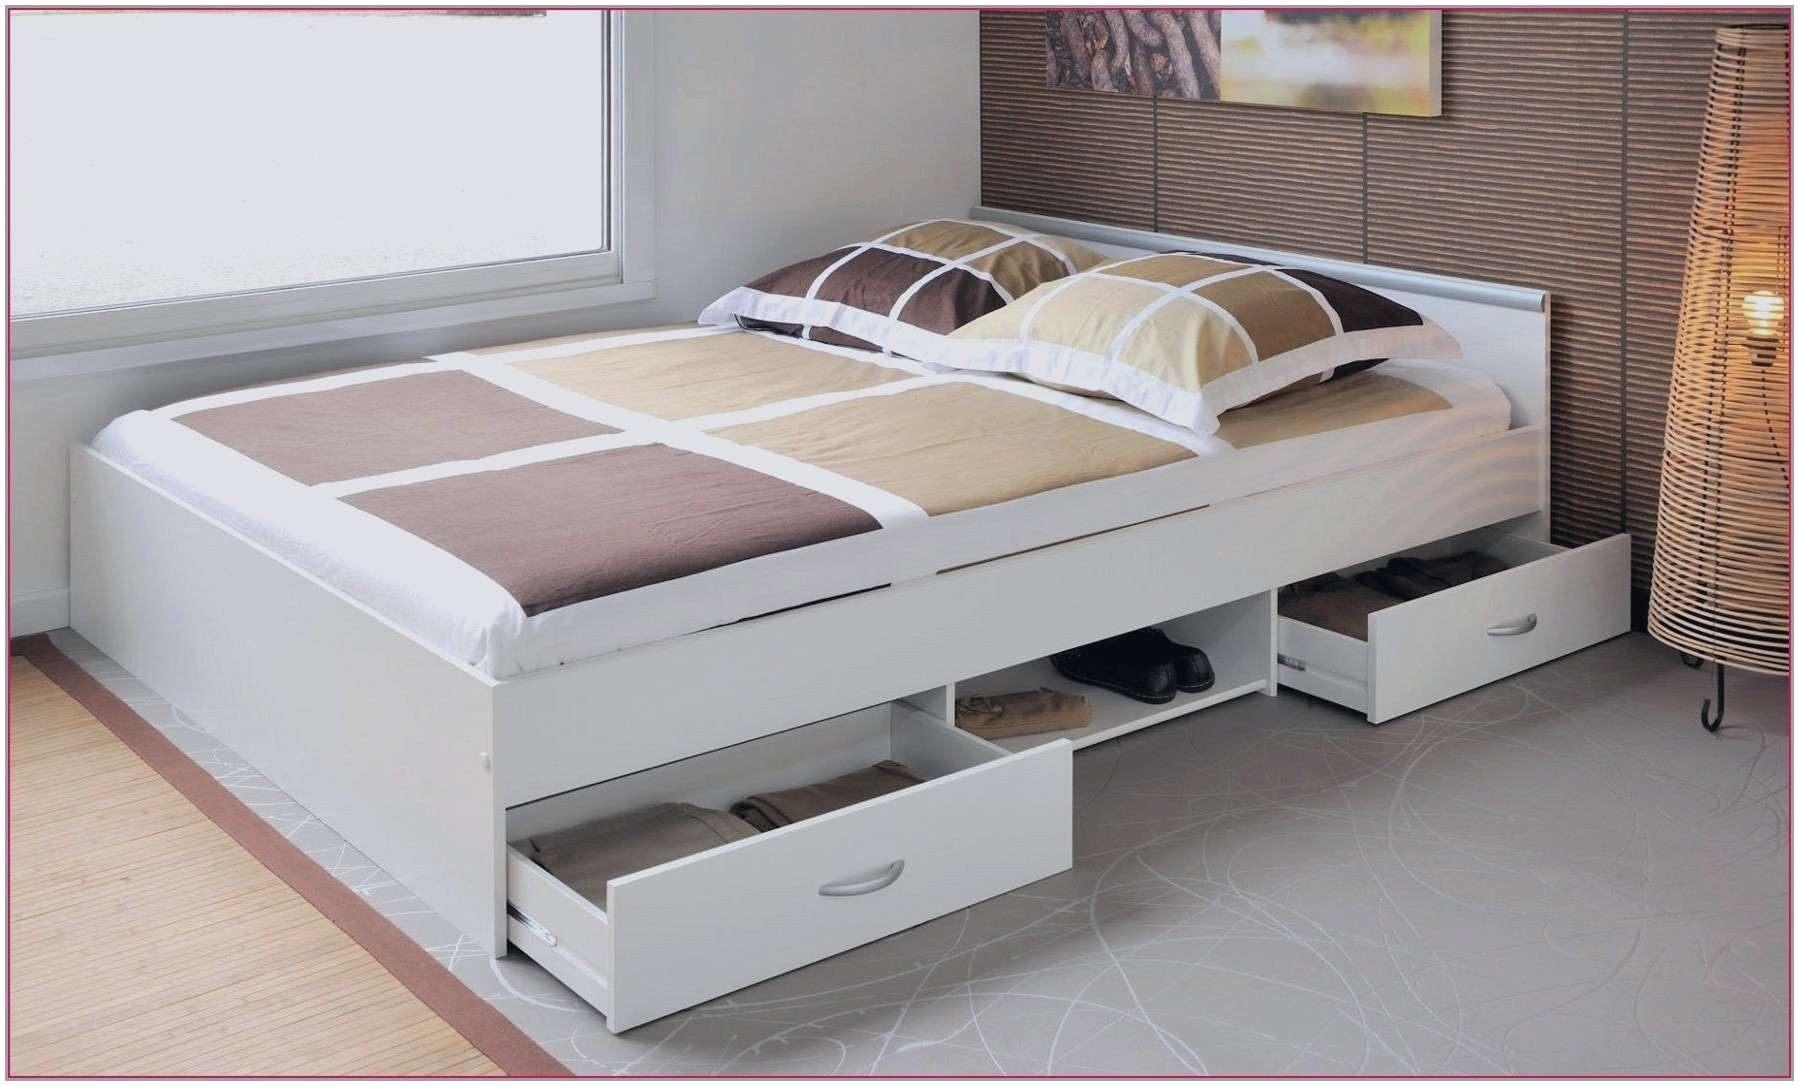 Lit 2 Places Ado Belle 57 Mezzanine Ado Concept Jongor4hire